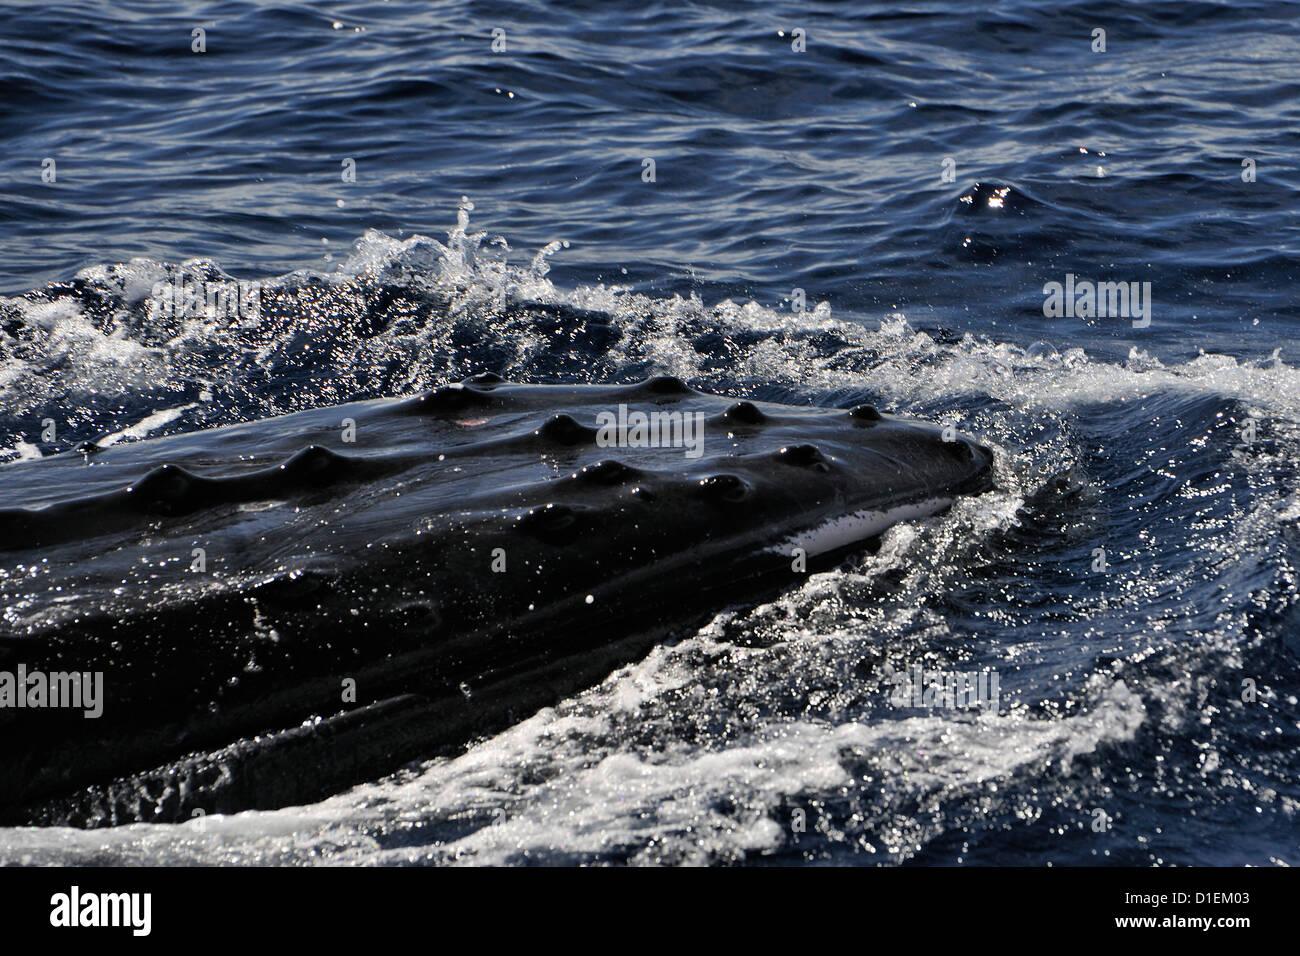 Ballena macho asfaltado junto a un Cruising Yacht, uno de 4 (o más) hombres ballenas que aparentemente estaban compitiendo por una hembra. Tonga Foto de stock